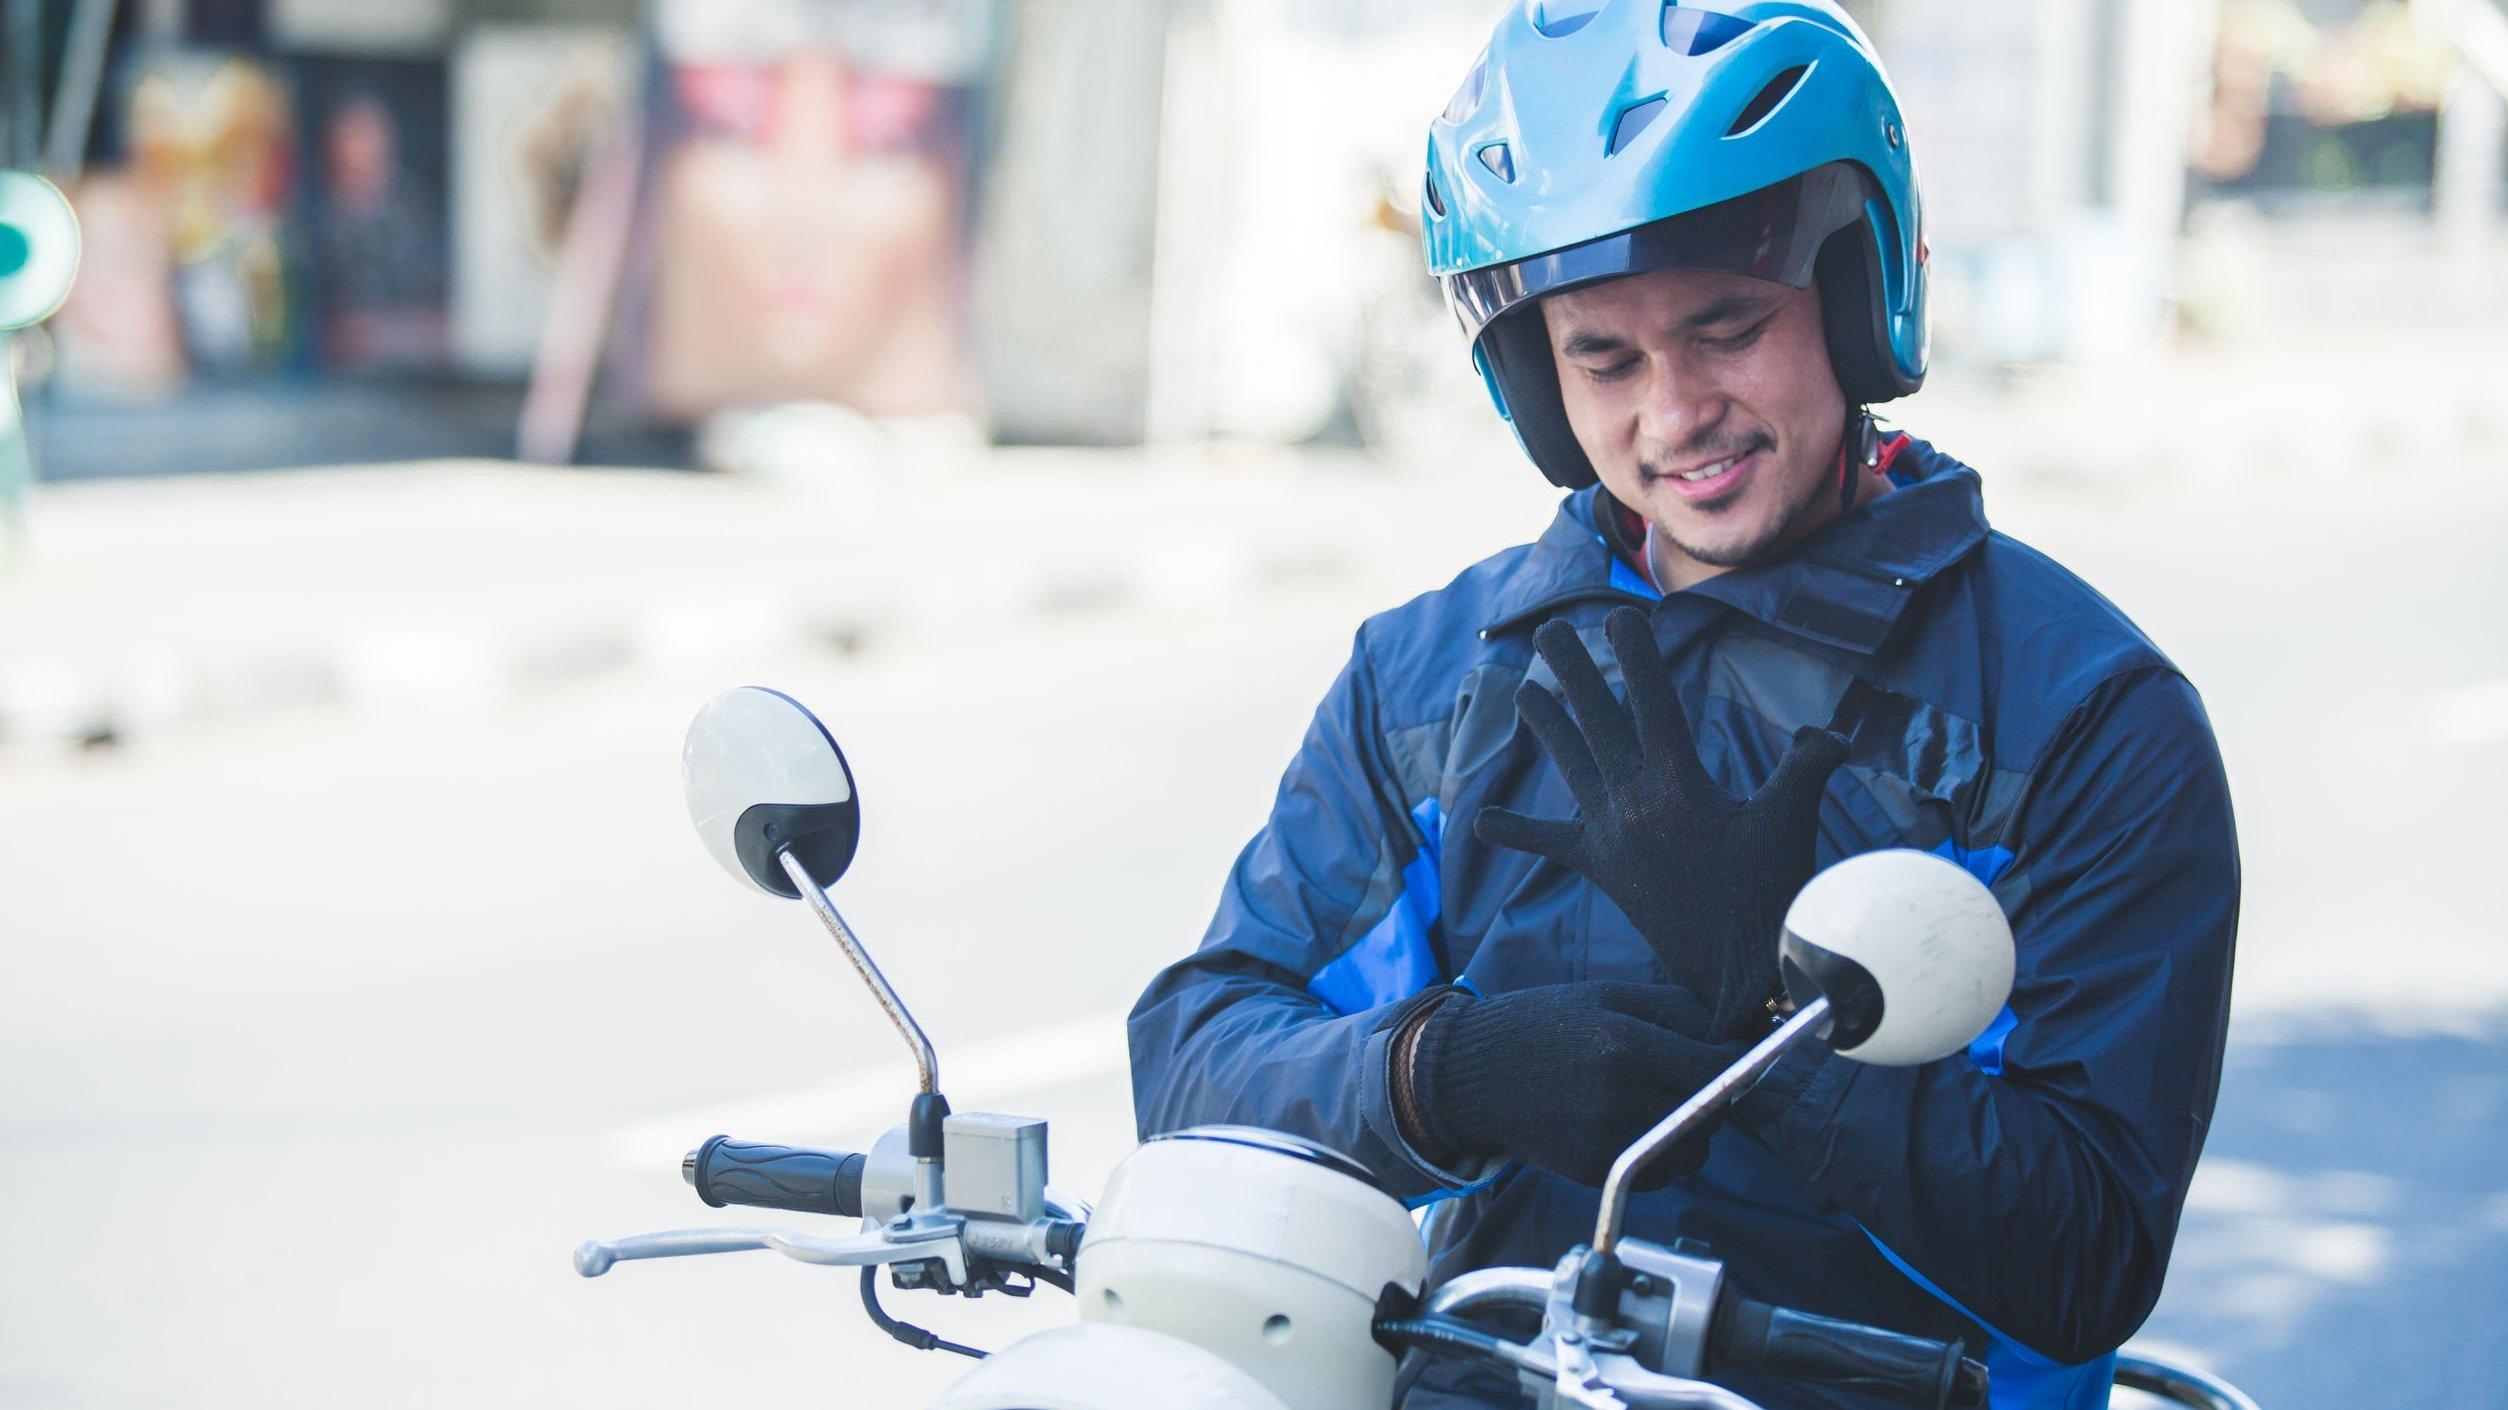 Homem em moto,  vestindo par de luvas